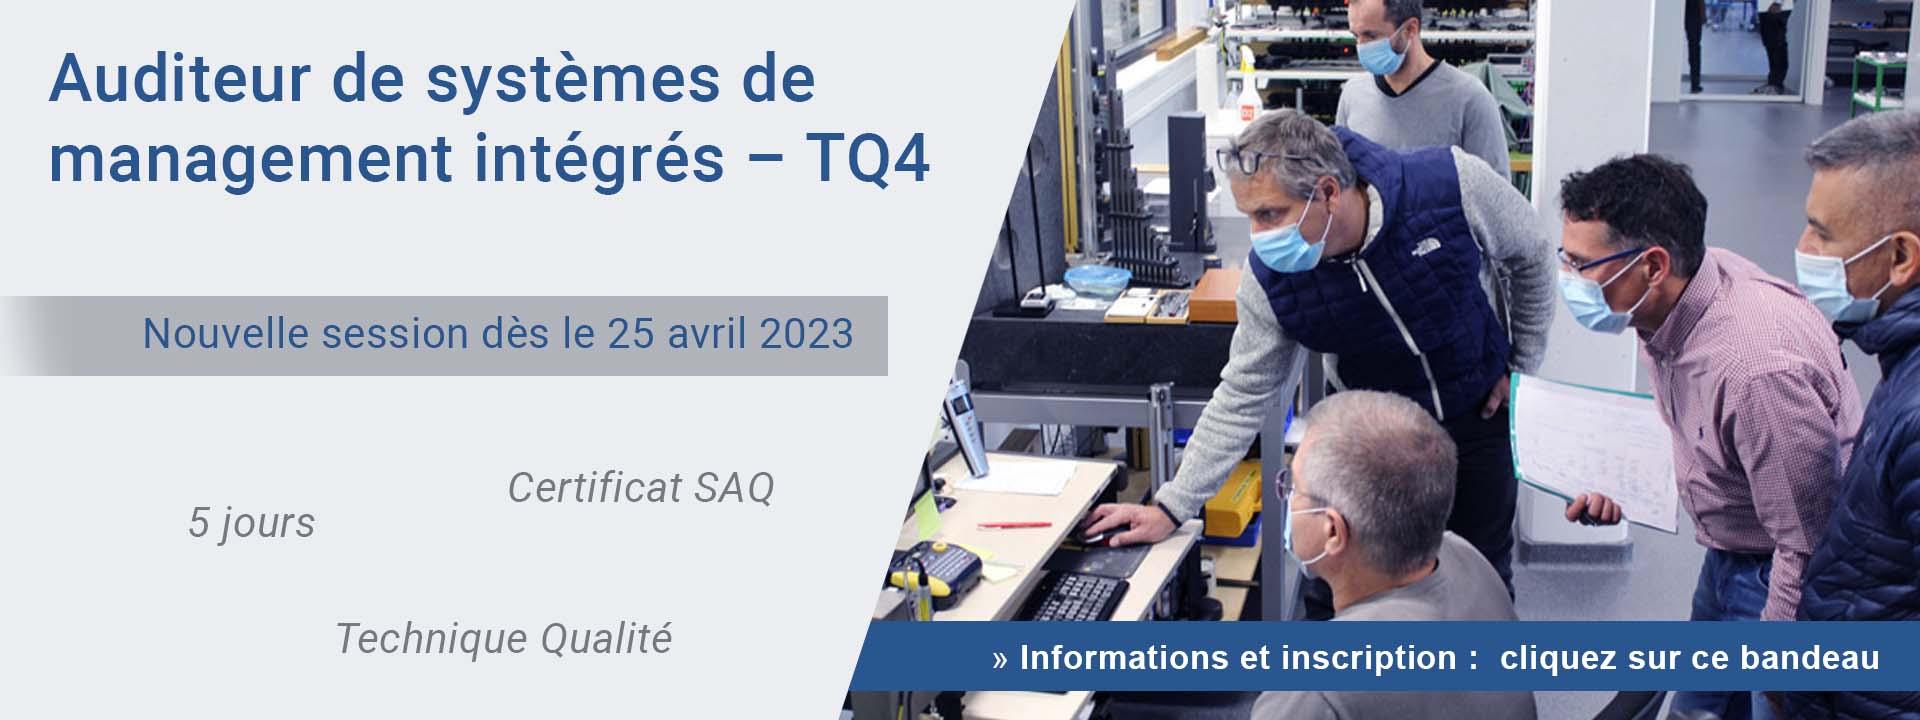 Auditeur de systèmes de management intégrés – TQ4